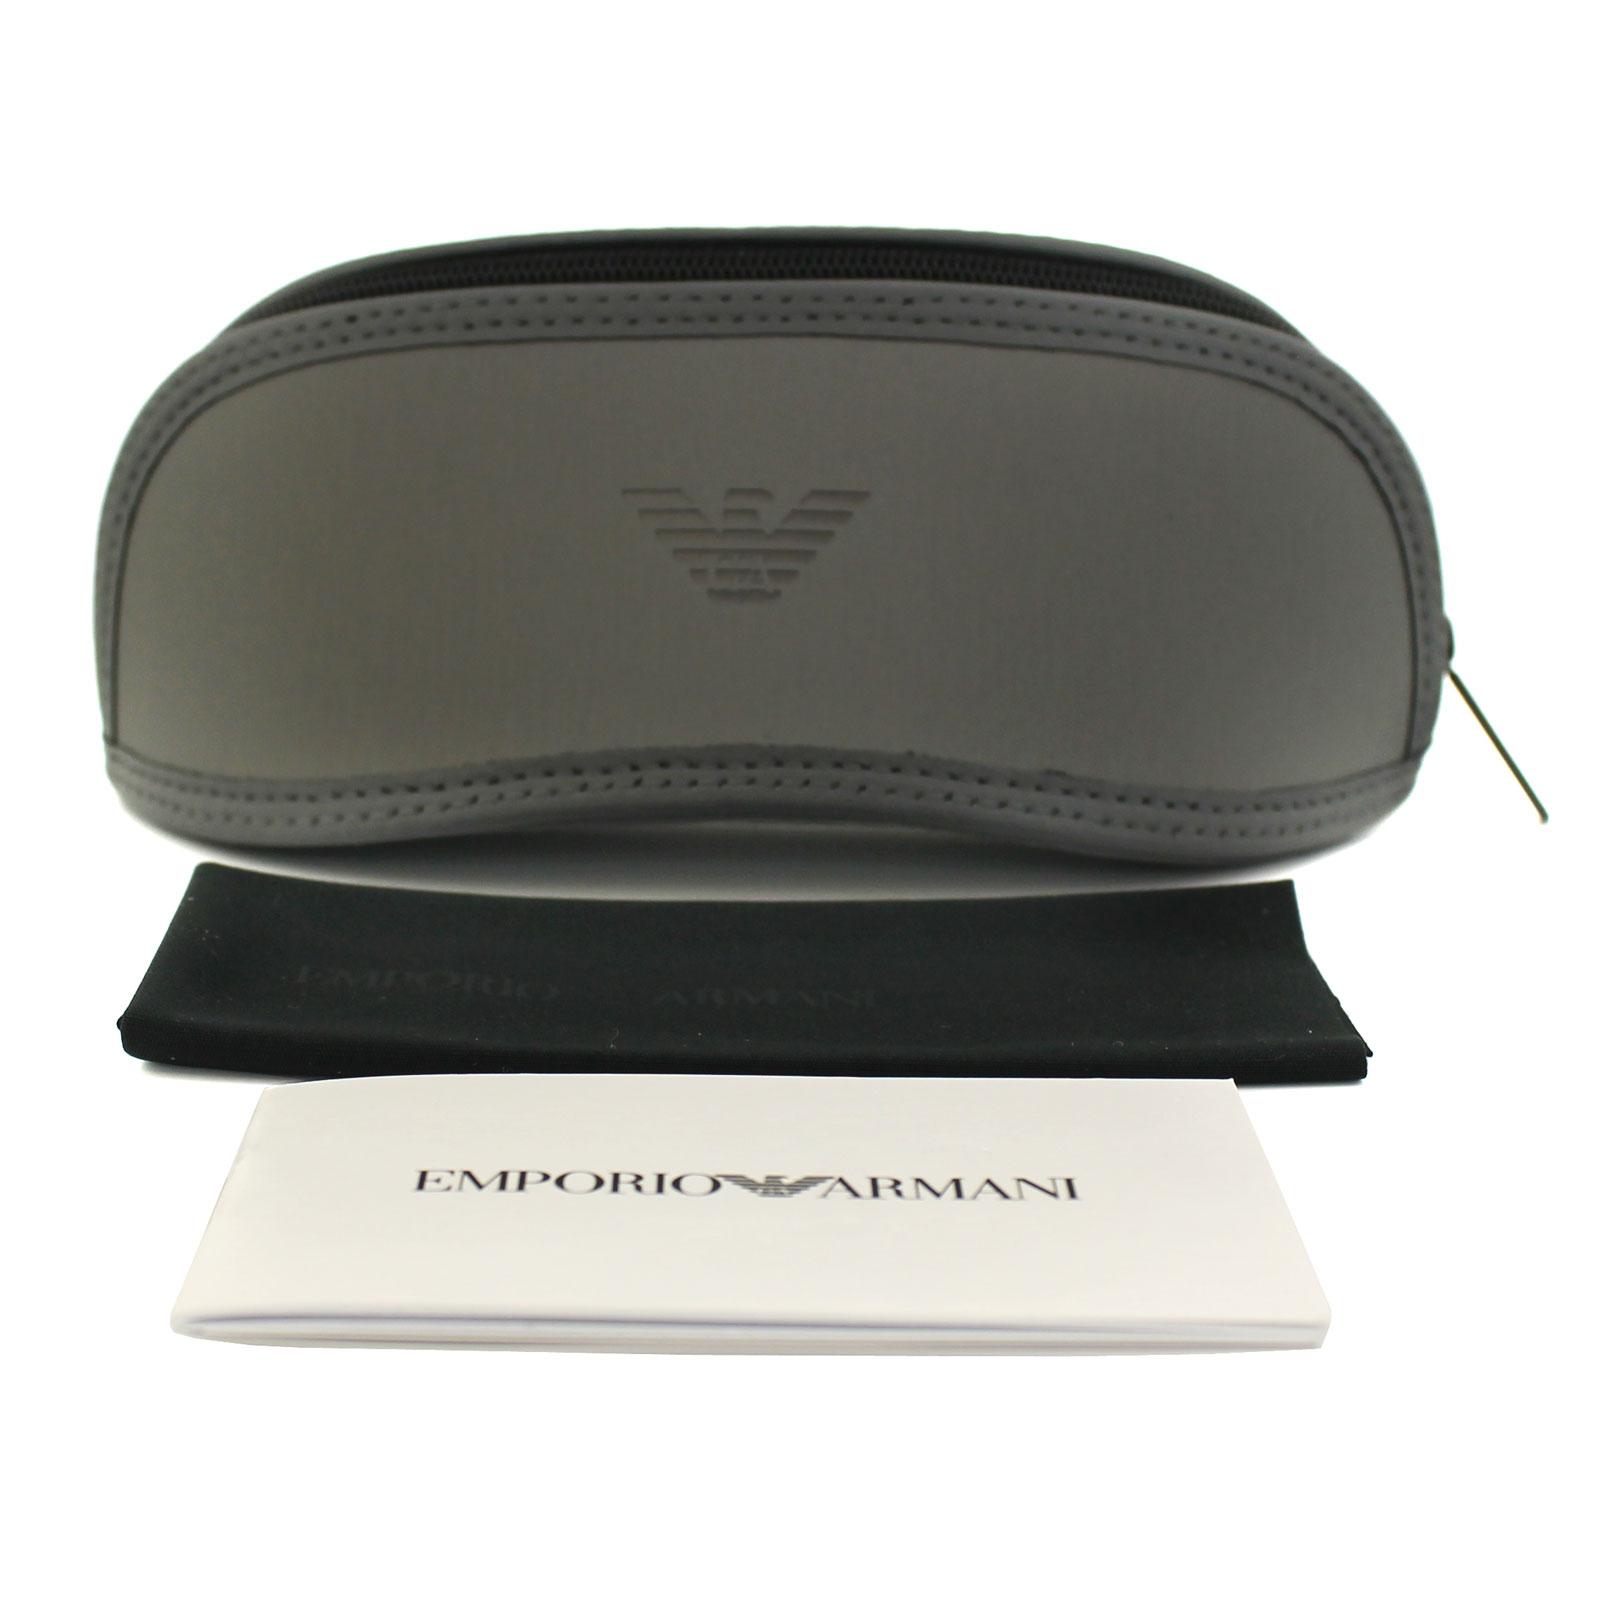 86c92ea2d2 Sentinel Emporio Armani Sunglasses 4077 5063 81 Black Rubber Grey Polarized